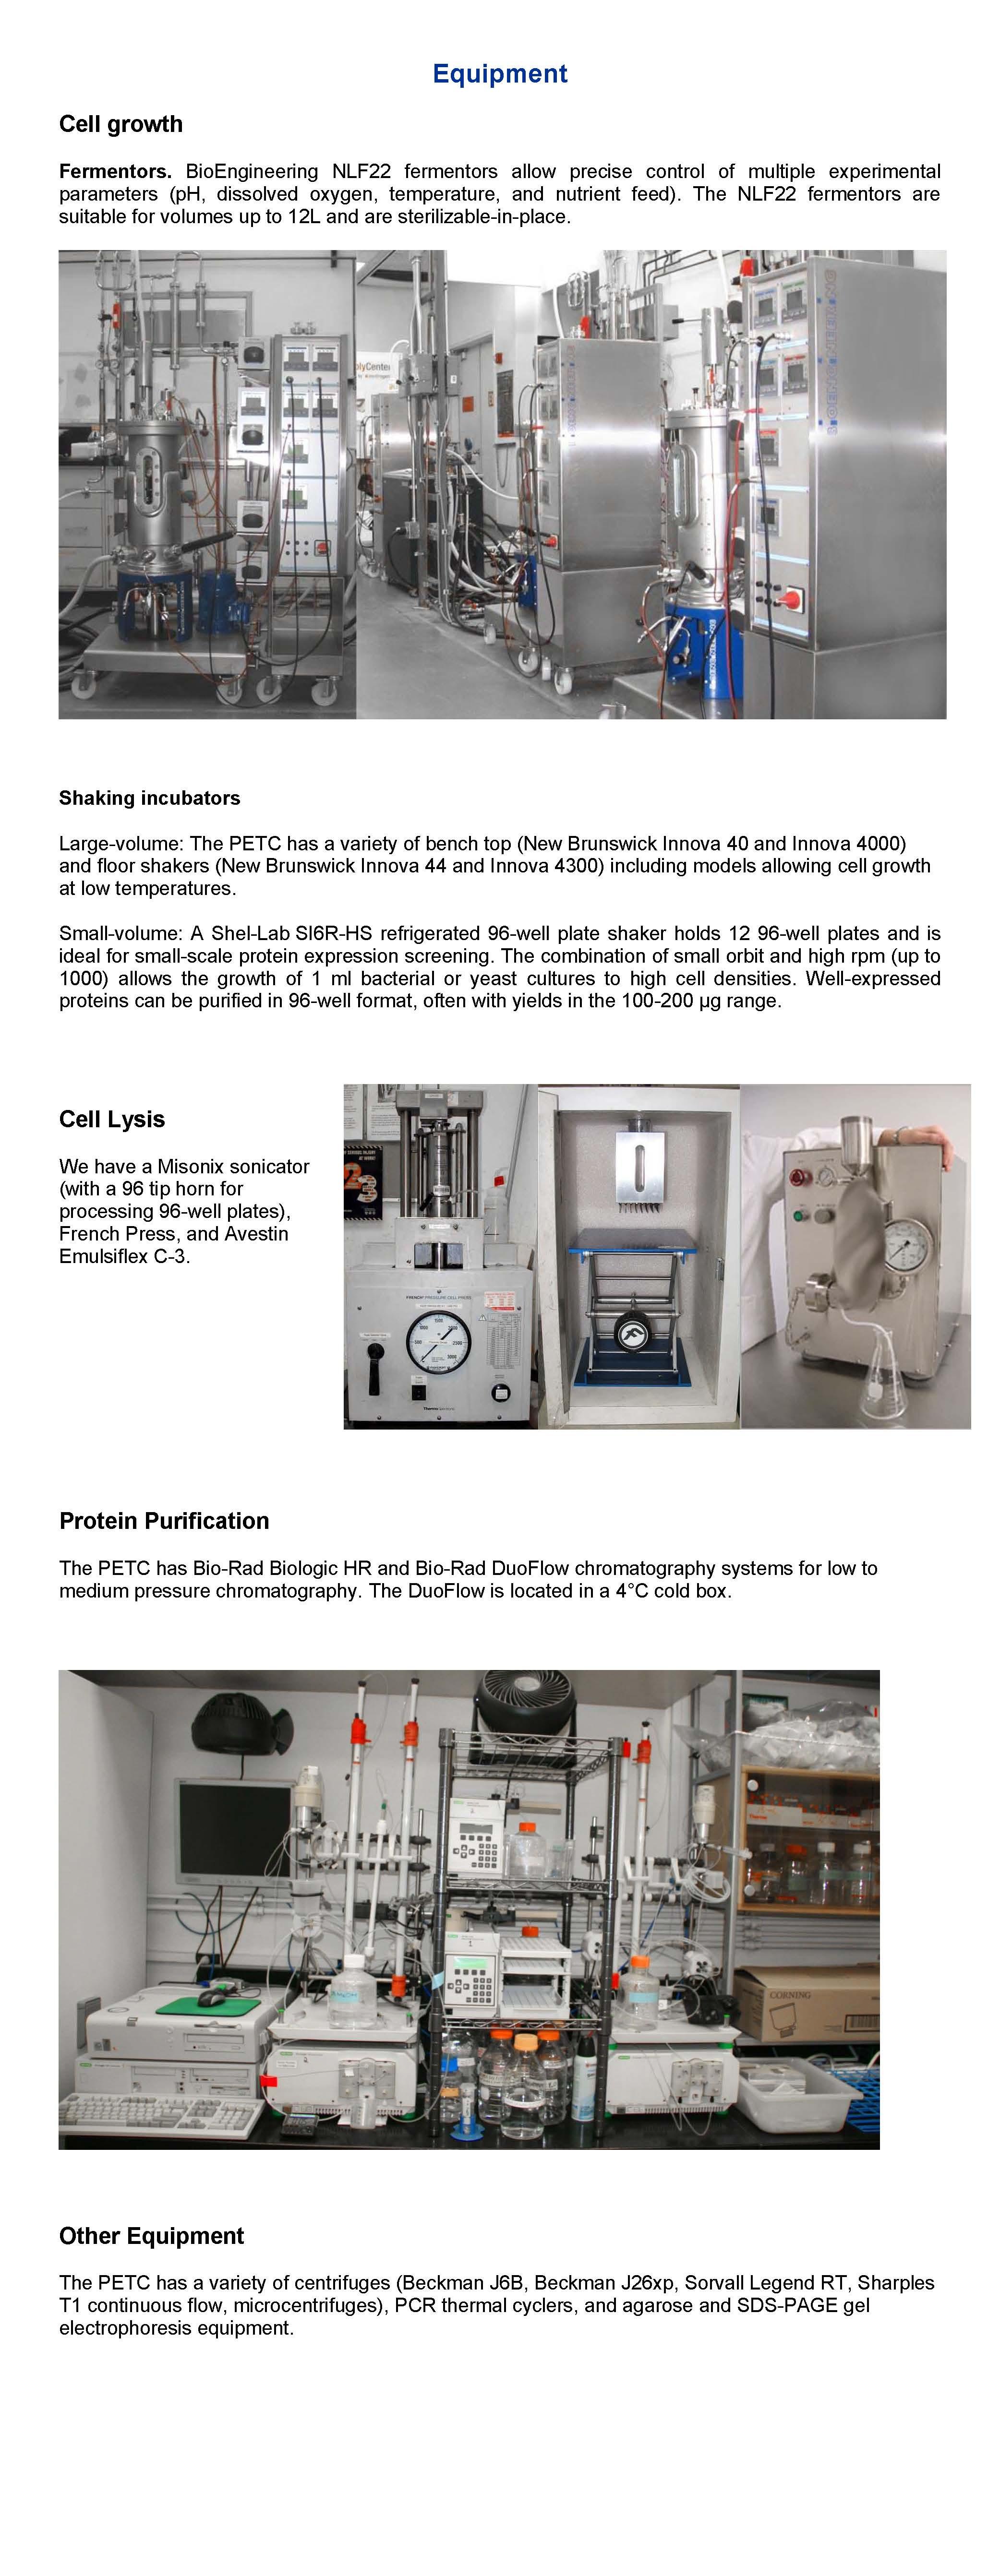 PETC Equipment